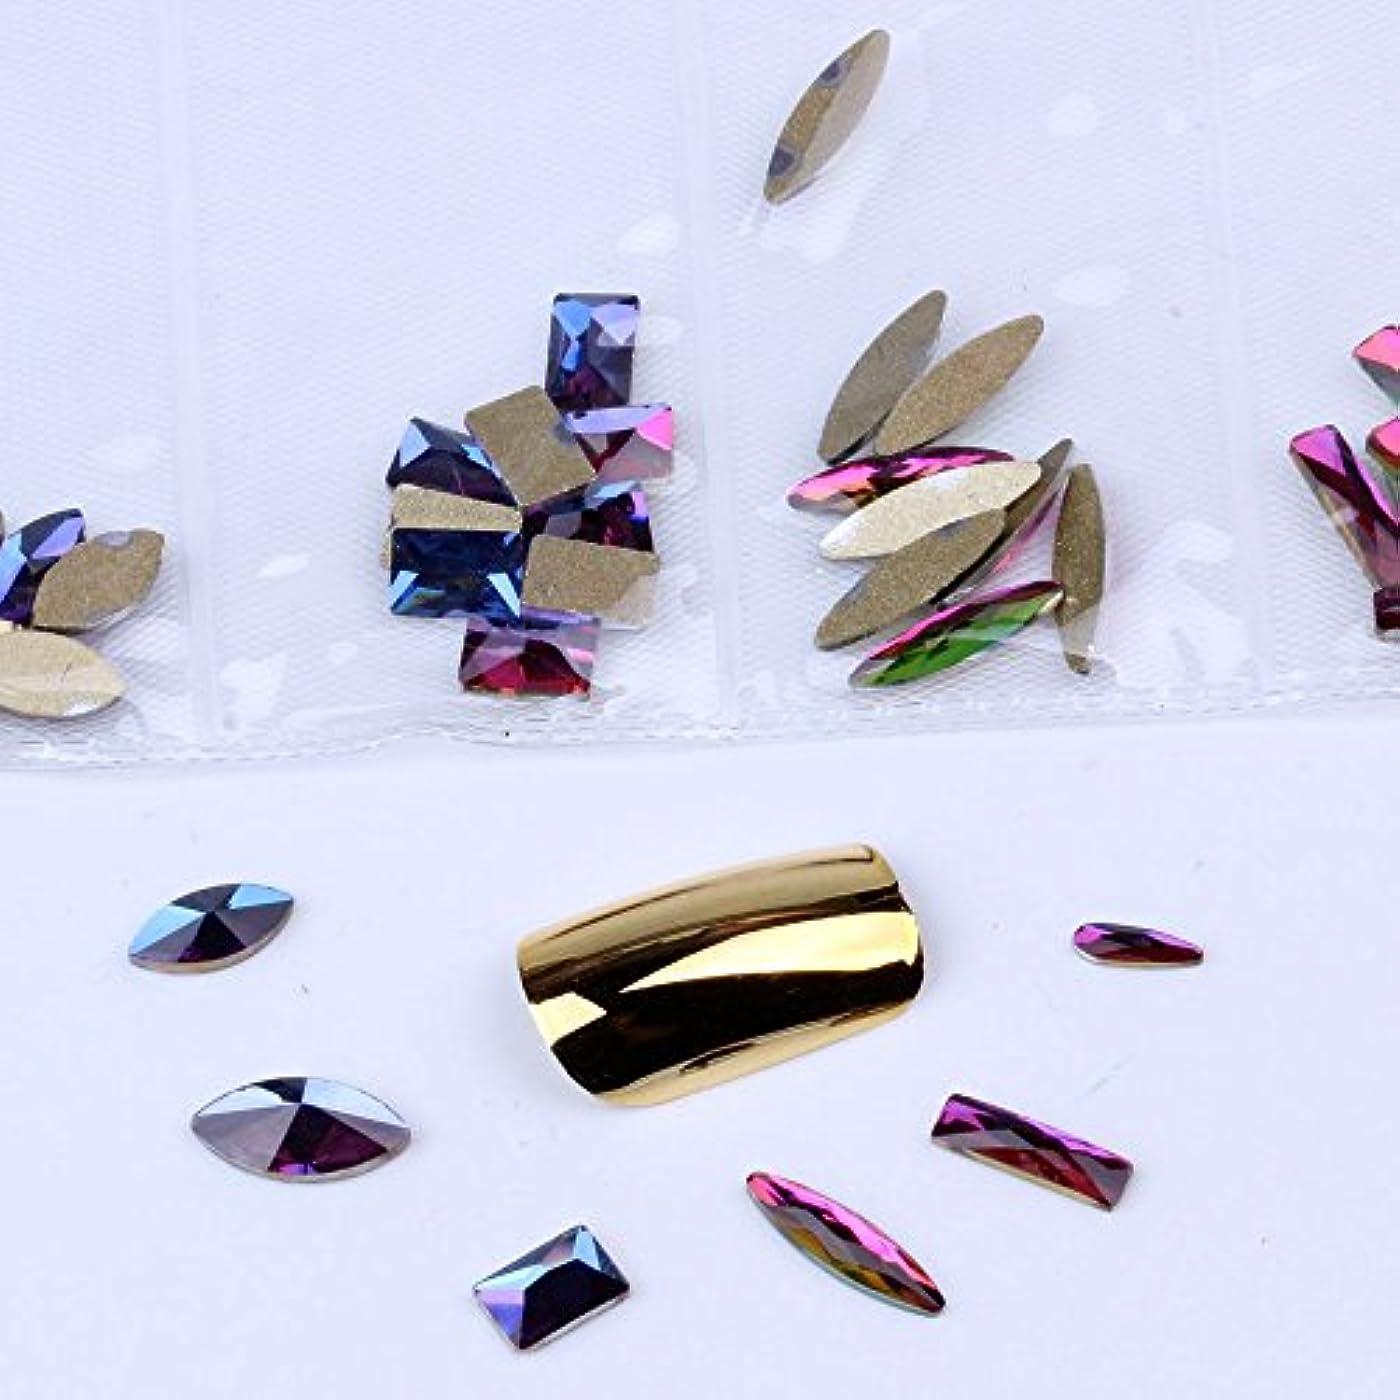 リアルうなる橋脚混在6形60pcs / bagガラスネイルアートラインストーンフラットバックネイルステッカーDIYクラフトアート3Dジュエリー衣類装飾宝石